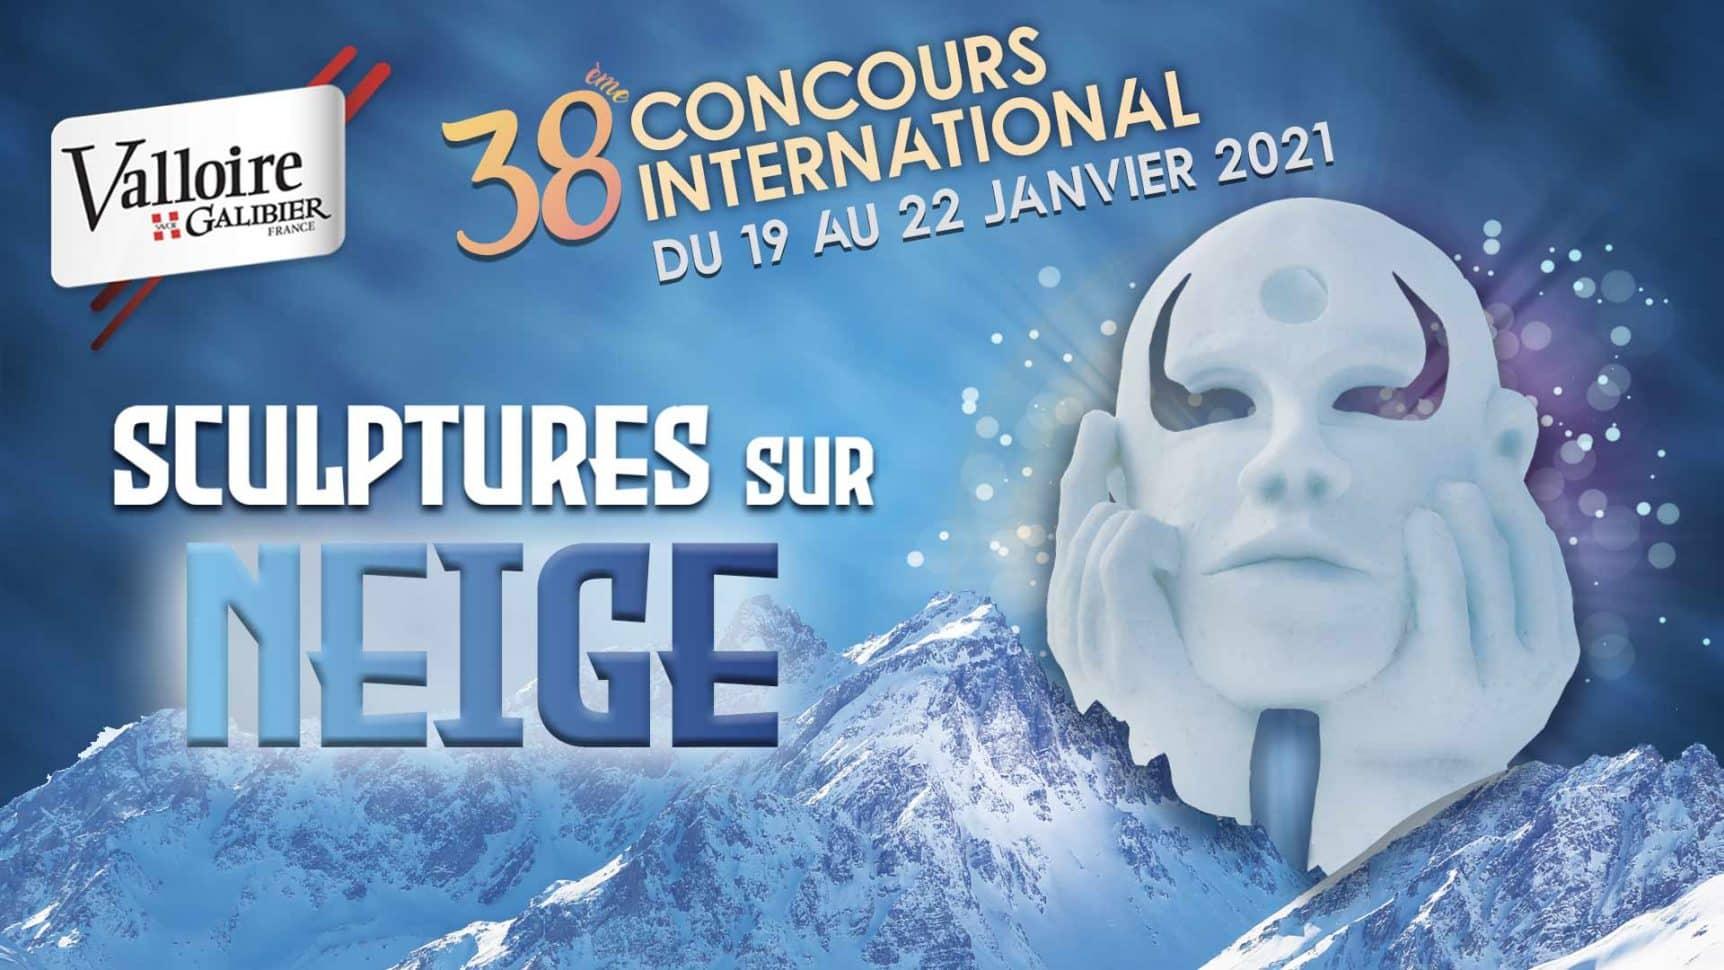 38ème concours de Sculptures sur Neige à Valloire !